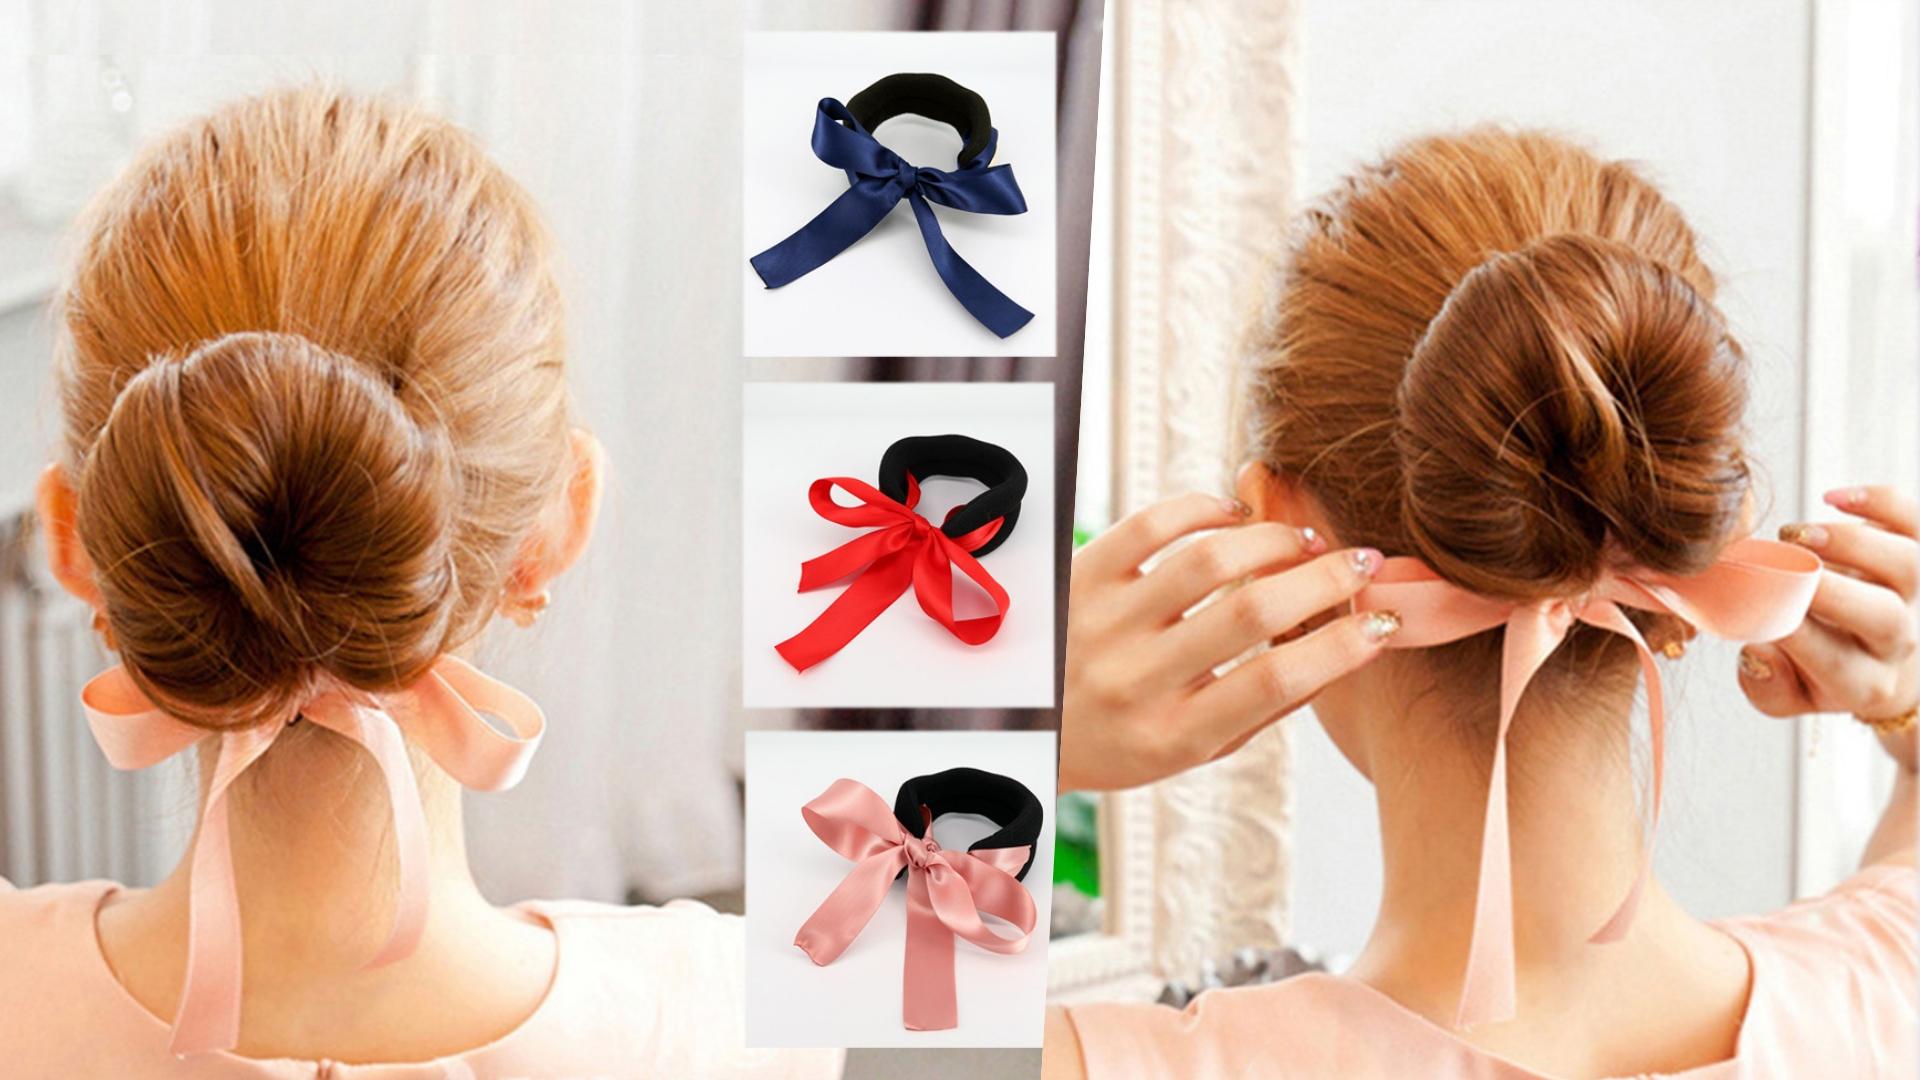 這個不只操作簡單,還有附一個緞帶蝴蝶結,不用技巧就能做出超甜美的髮型!